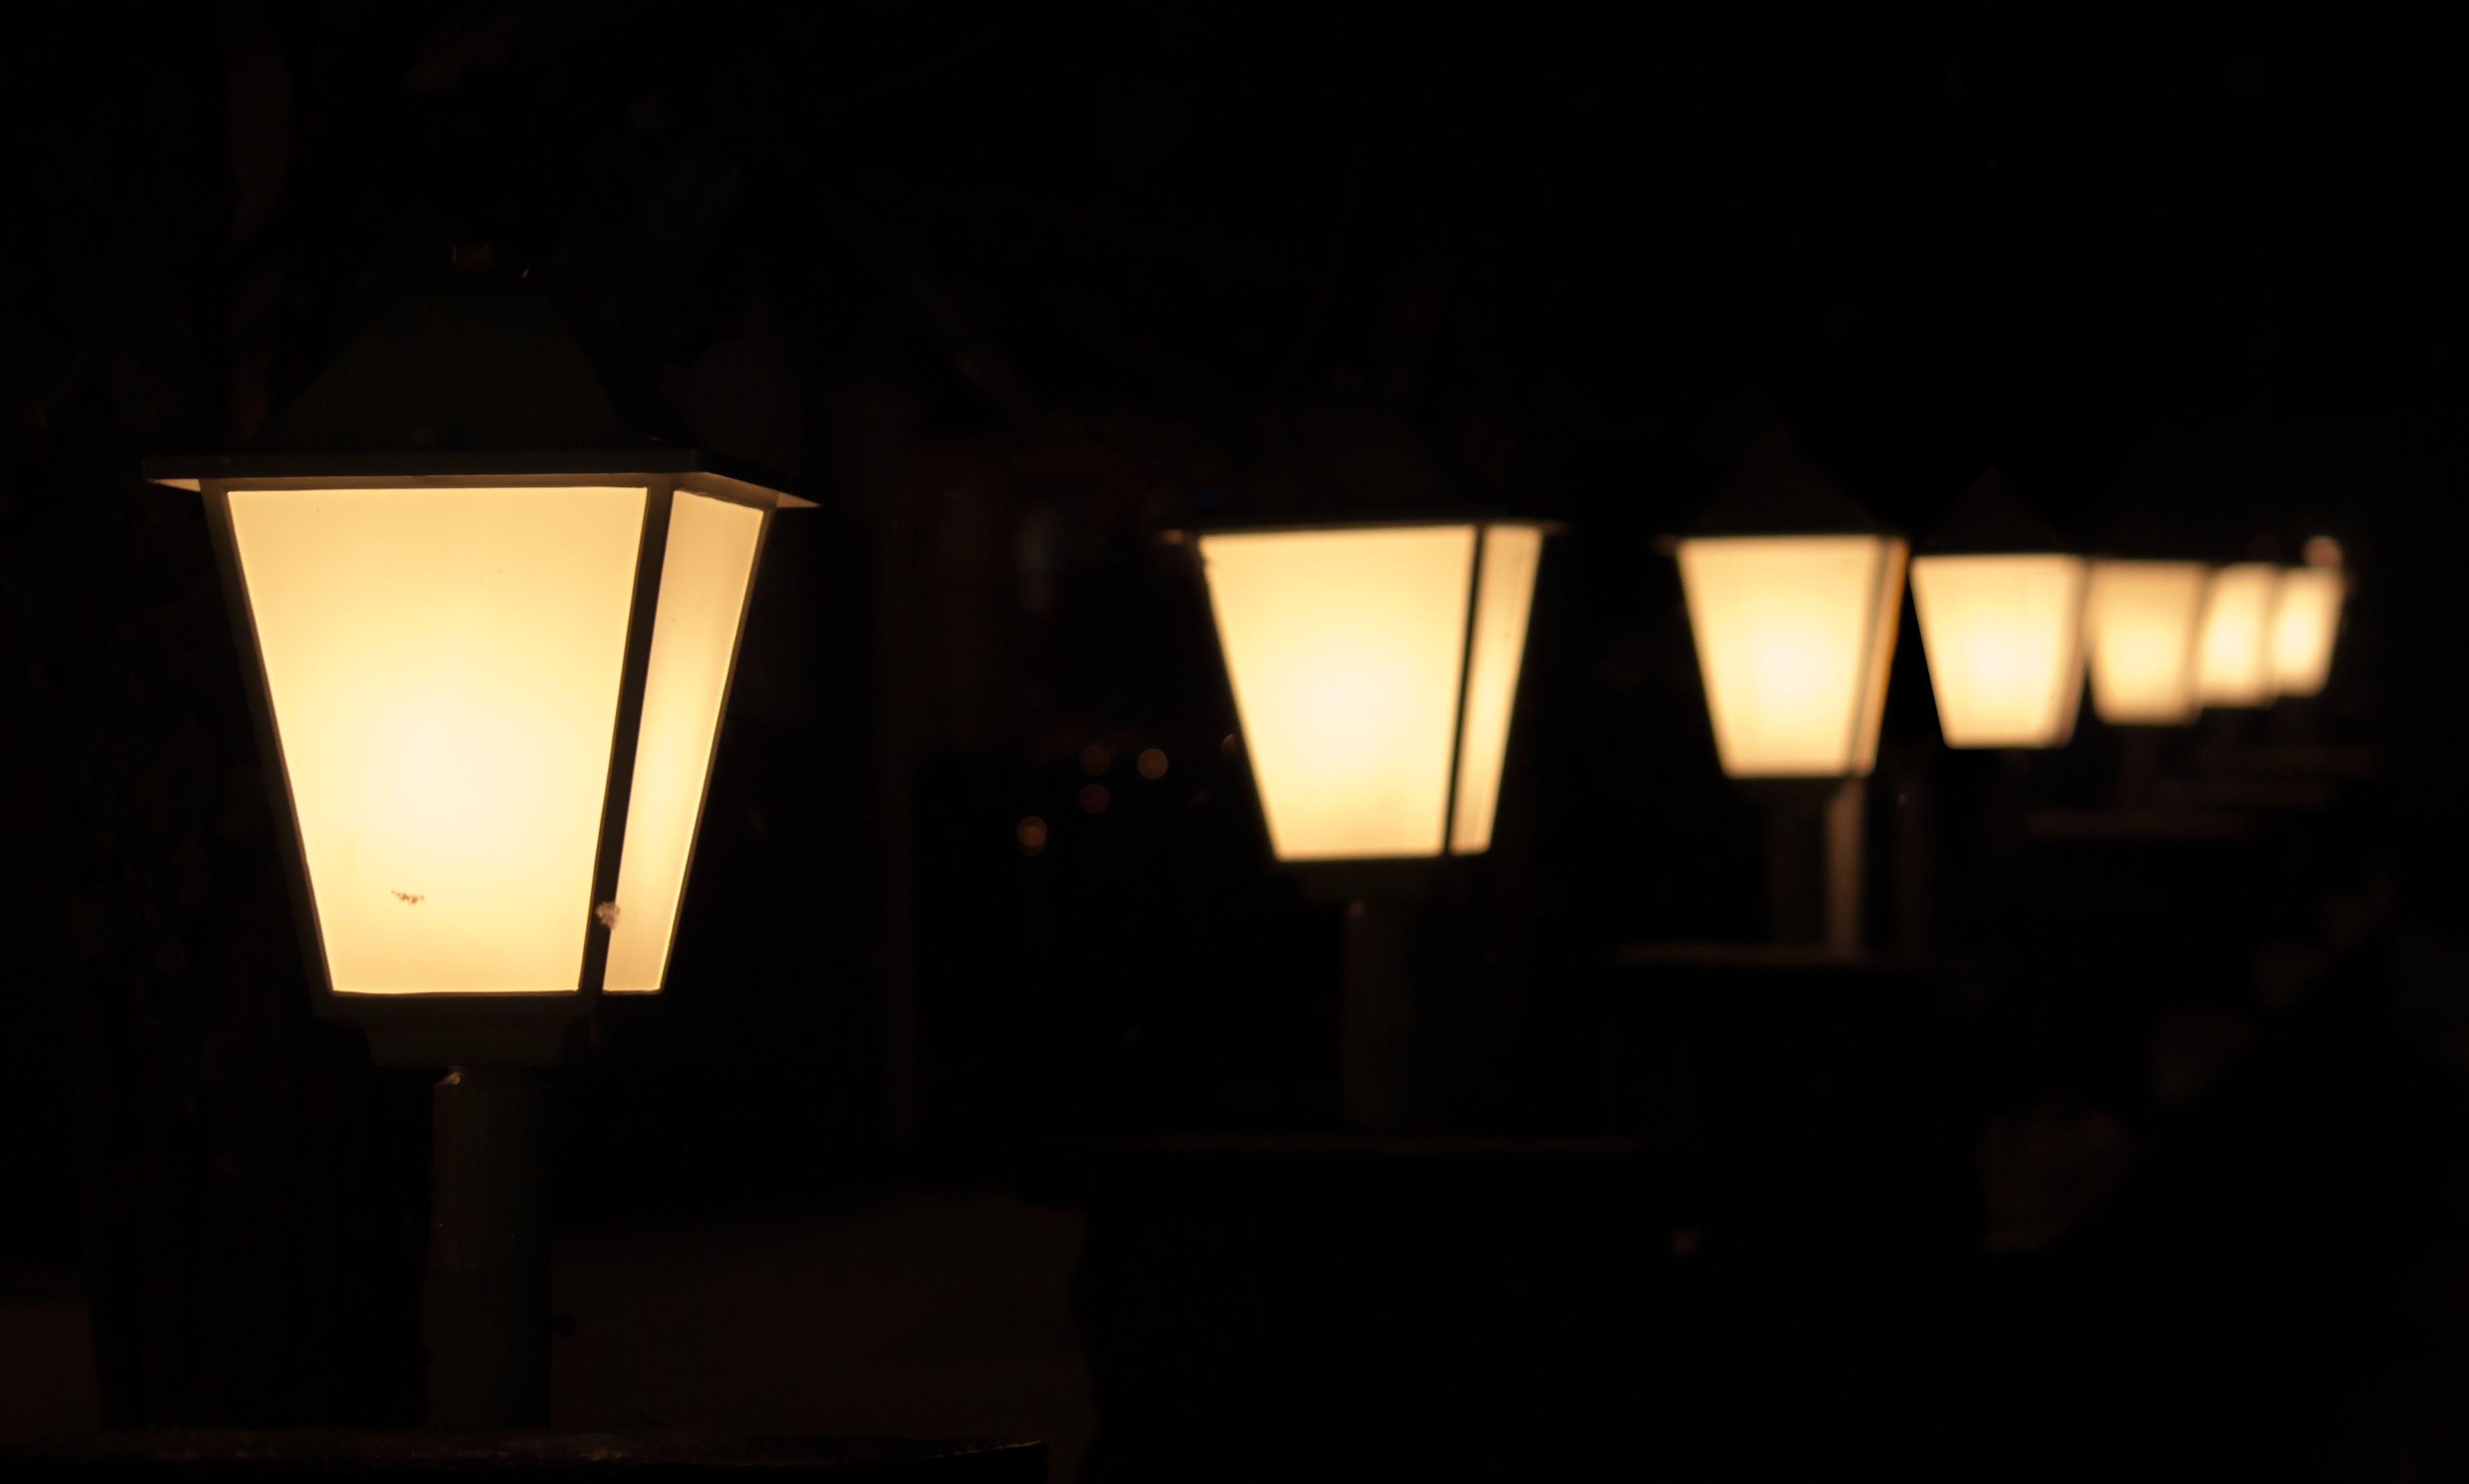 Gratis arkivbilde med gul, lamper, mørk, natt